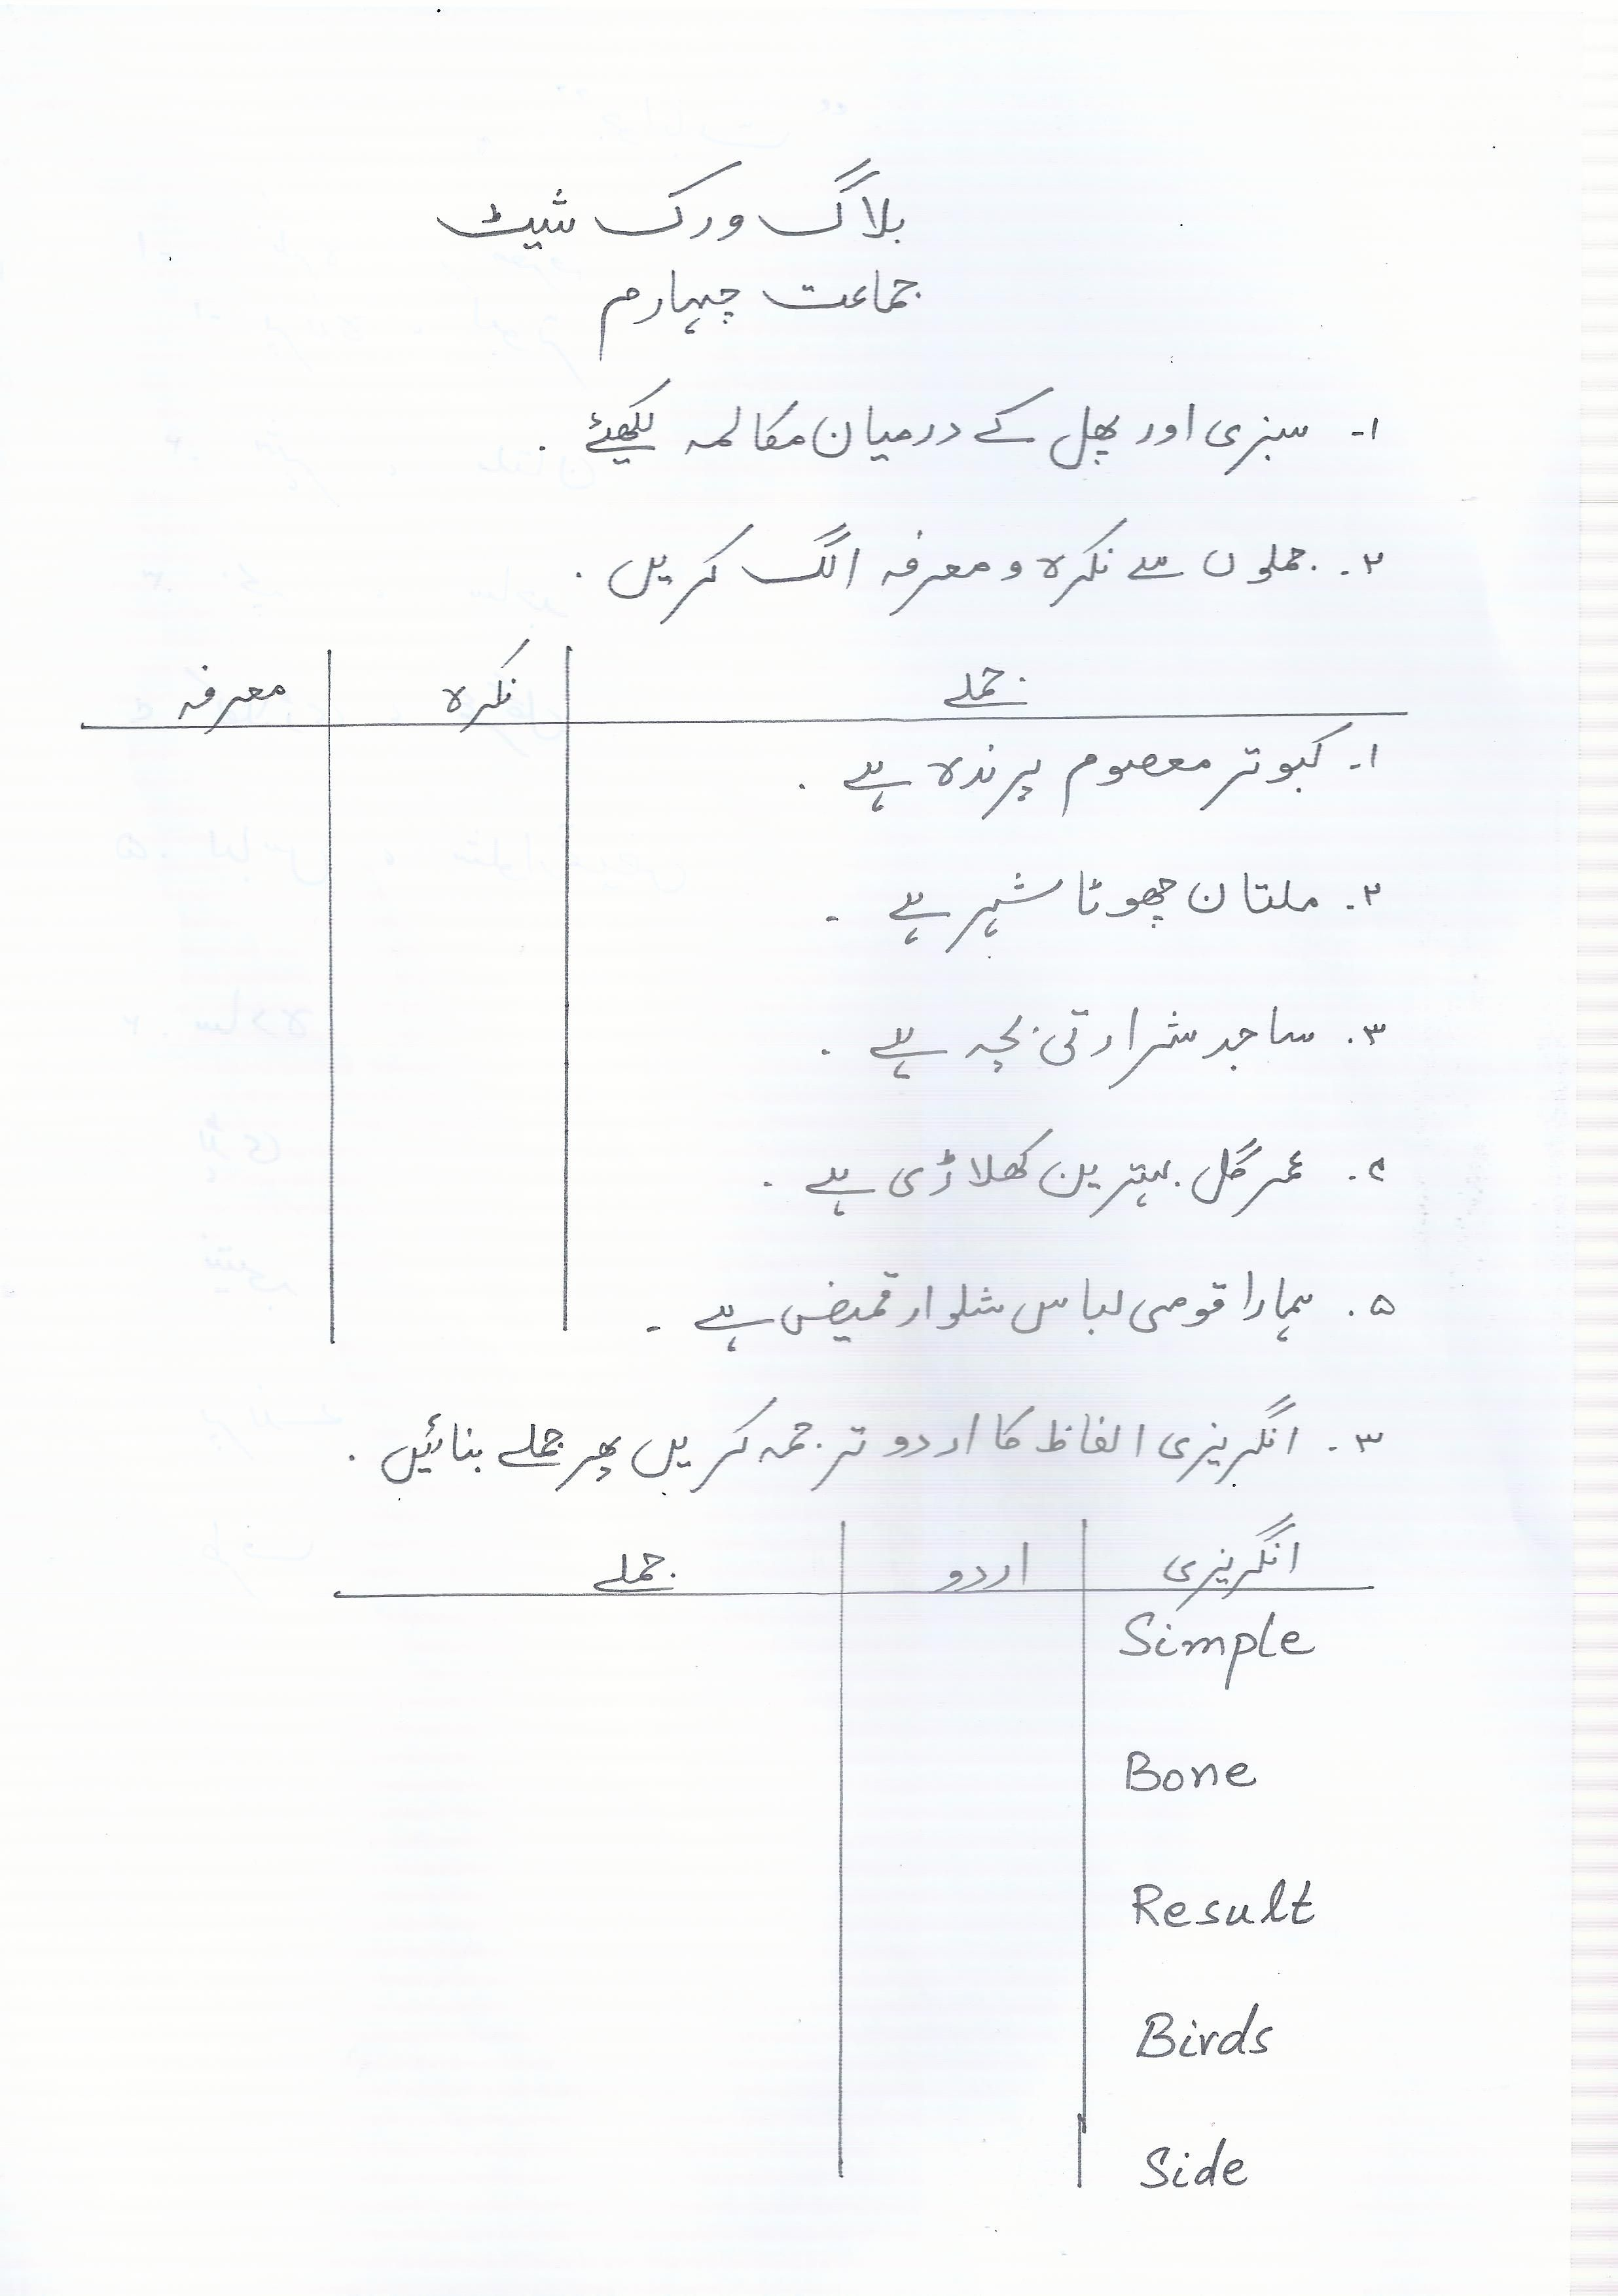 urdu-bw-year-4-1-of-22.jpg (2472×3507)   Reading comprehension worksheets [ 3507 x 2472 Pixel ]